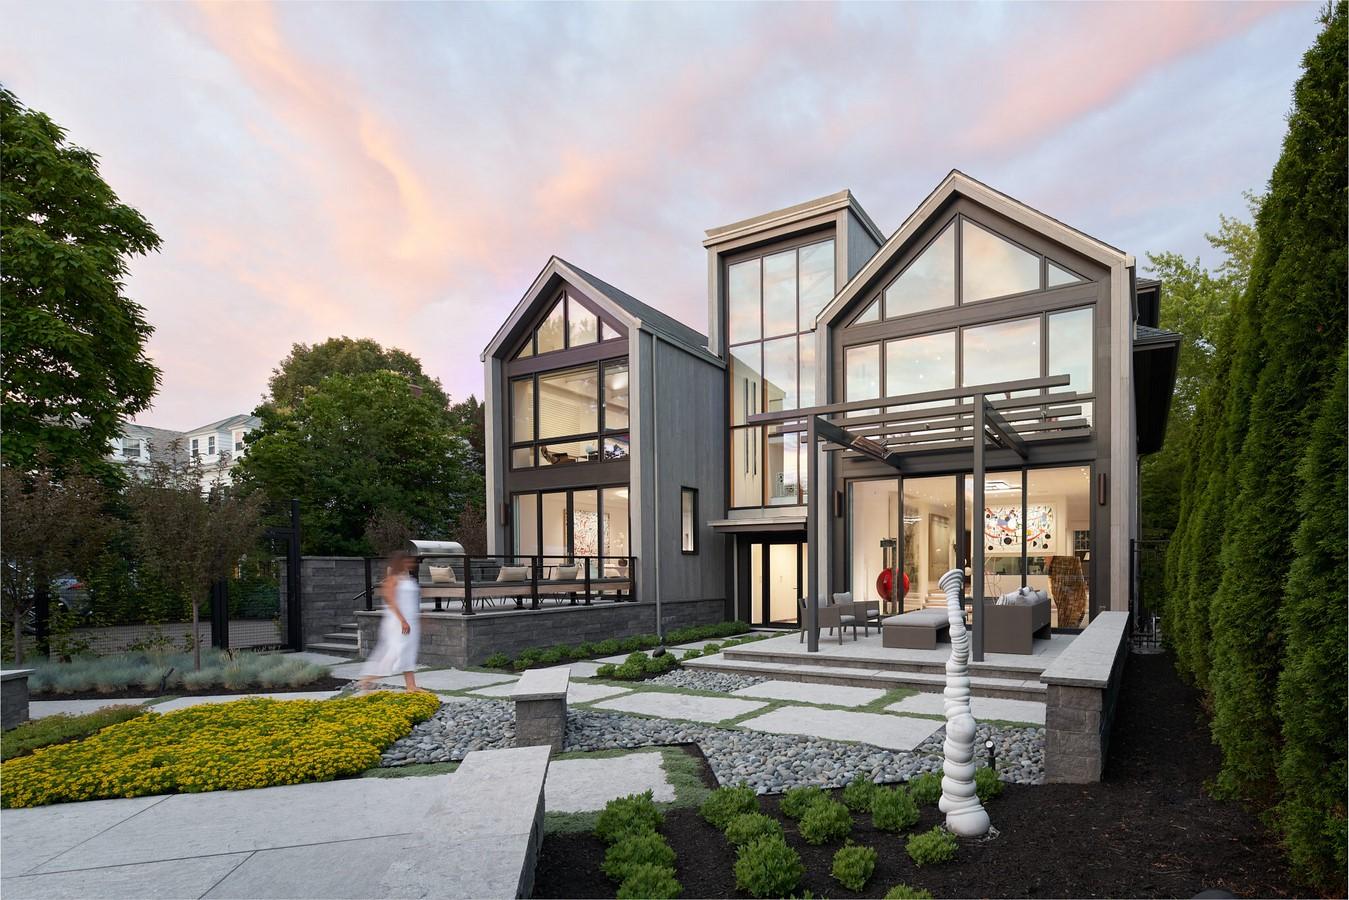 Architects in Buffalo - Top 45 Architects in Buffalo - Sheet21